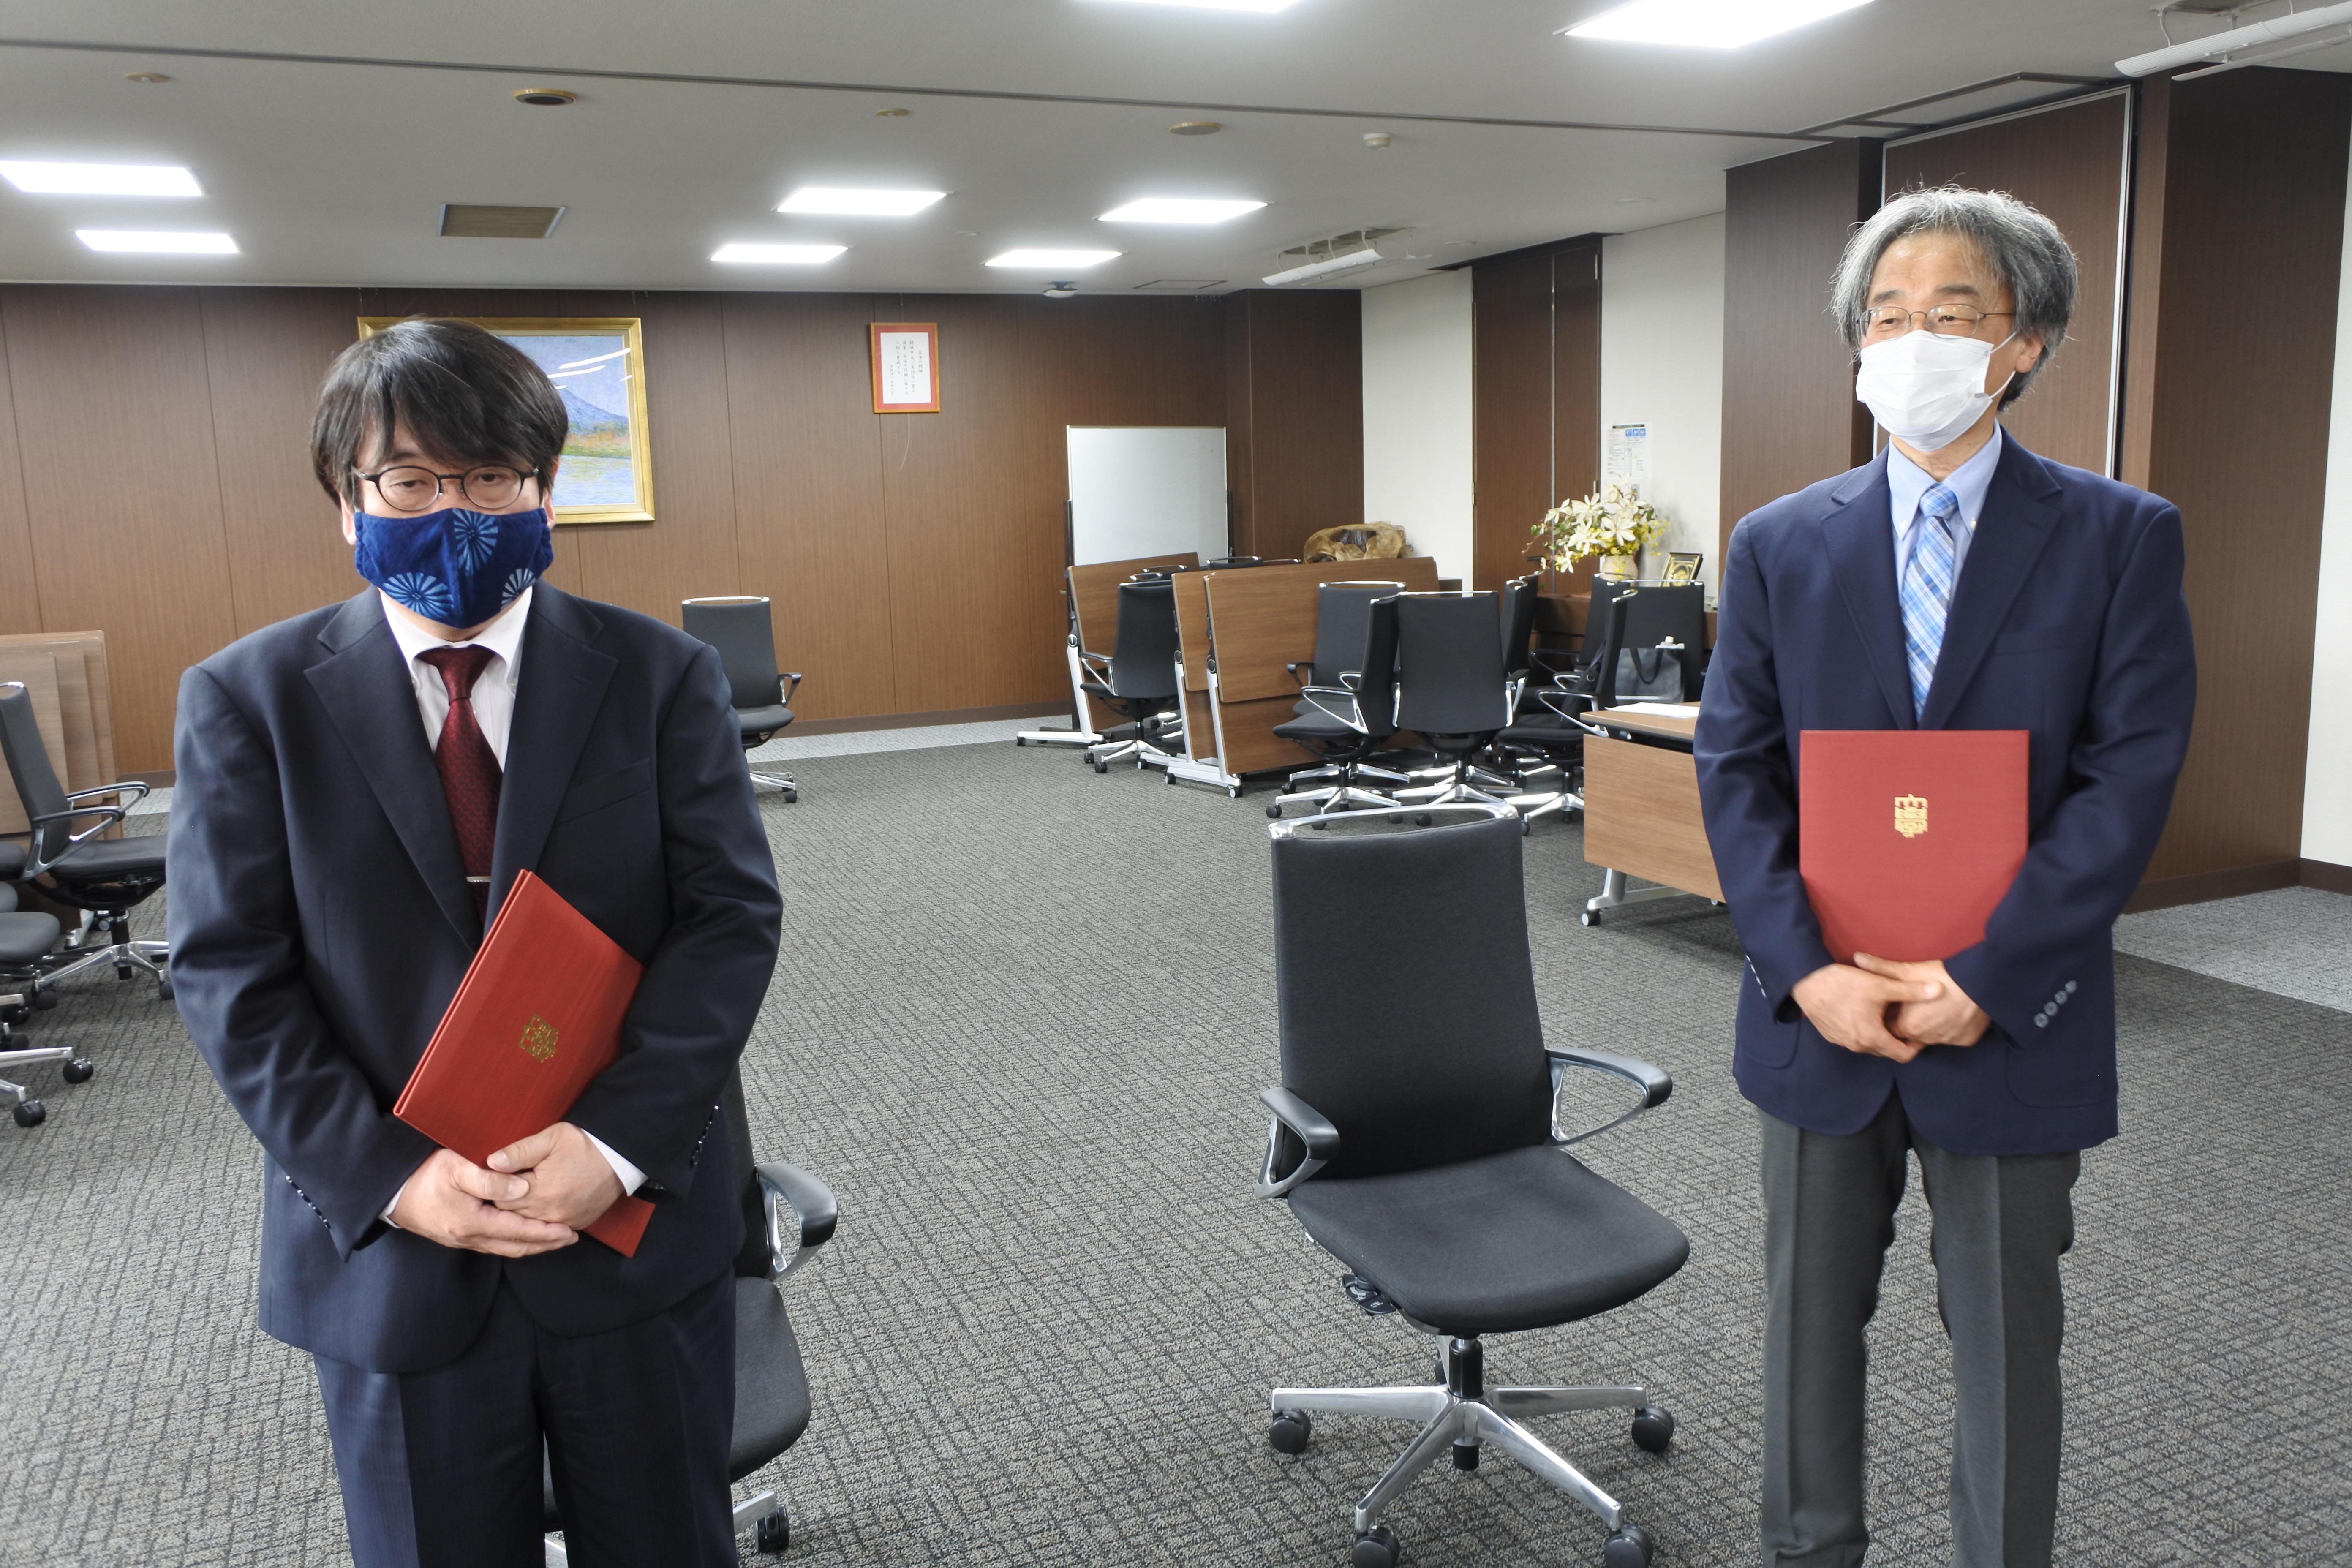 抱負を述べる打矢惠一教授(右)